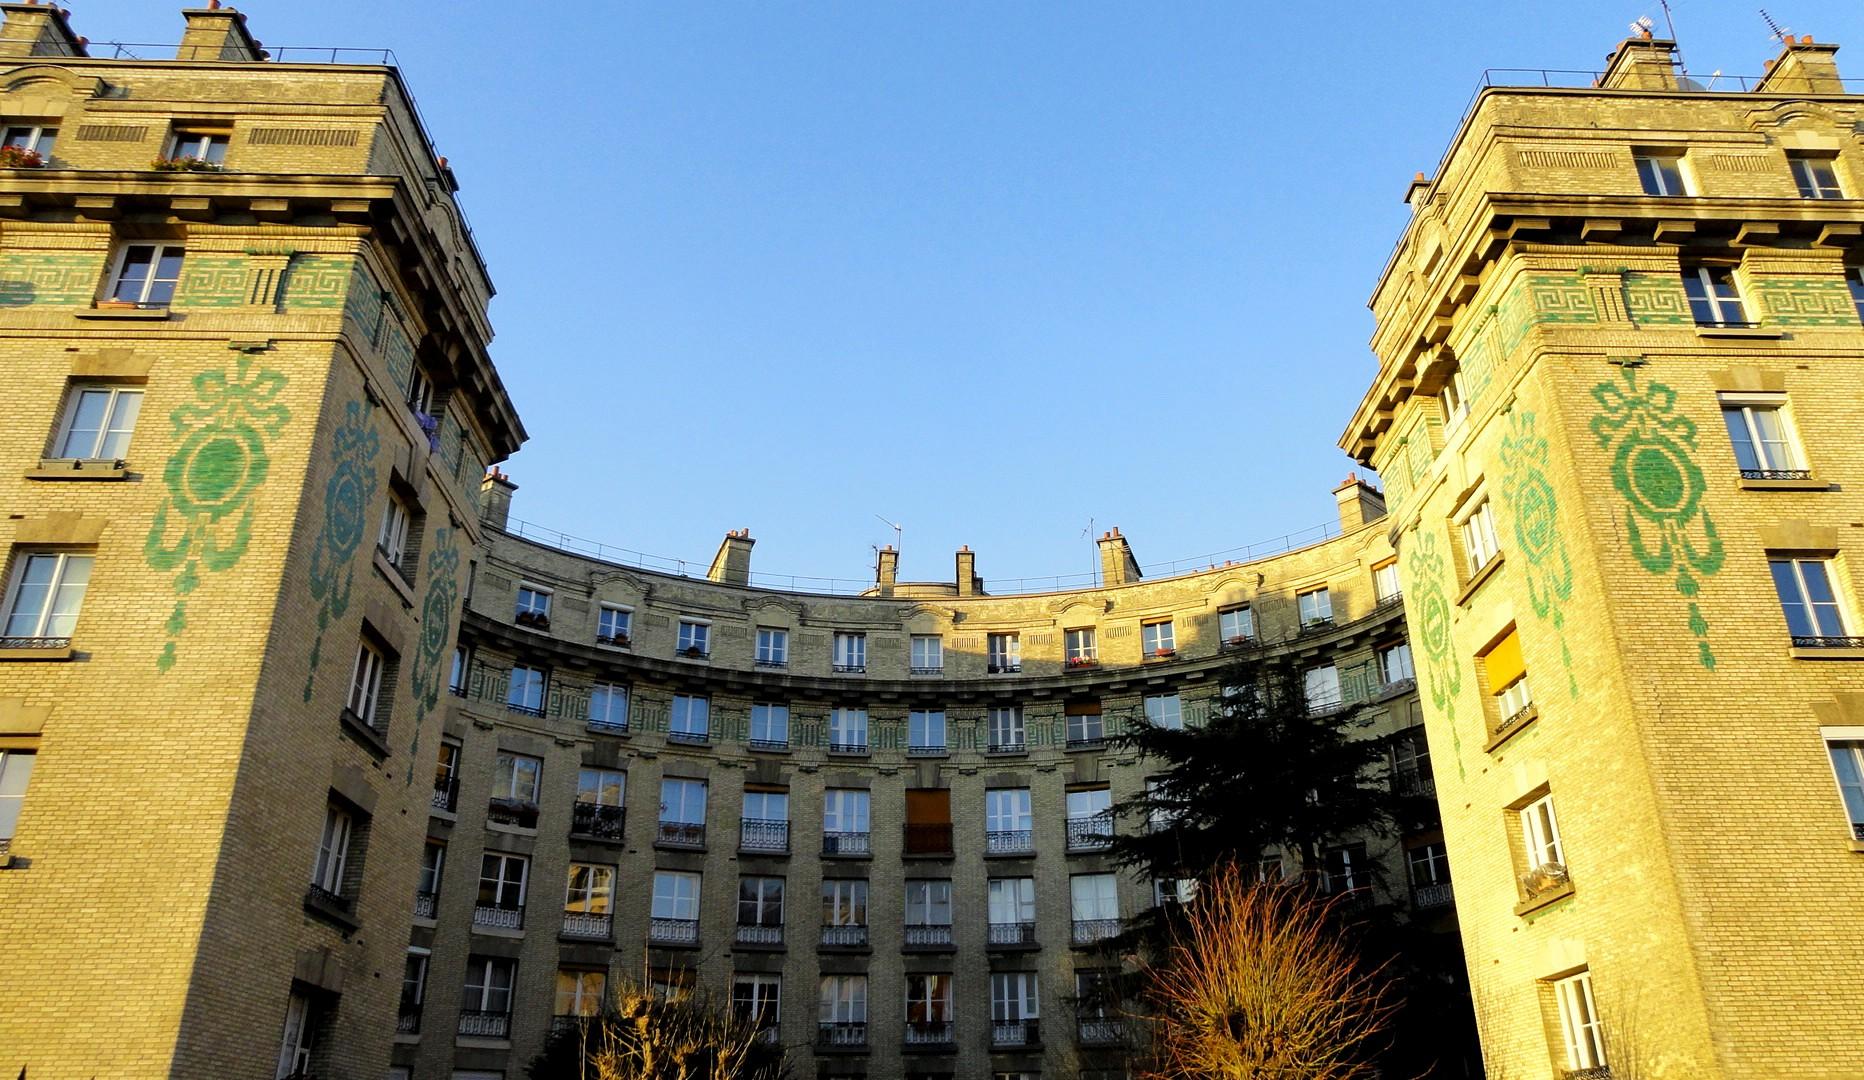 Balade le long de la Petite Ceinture (17e et 18e) - Quartier des Epinettes